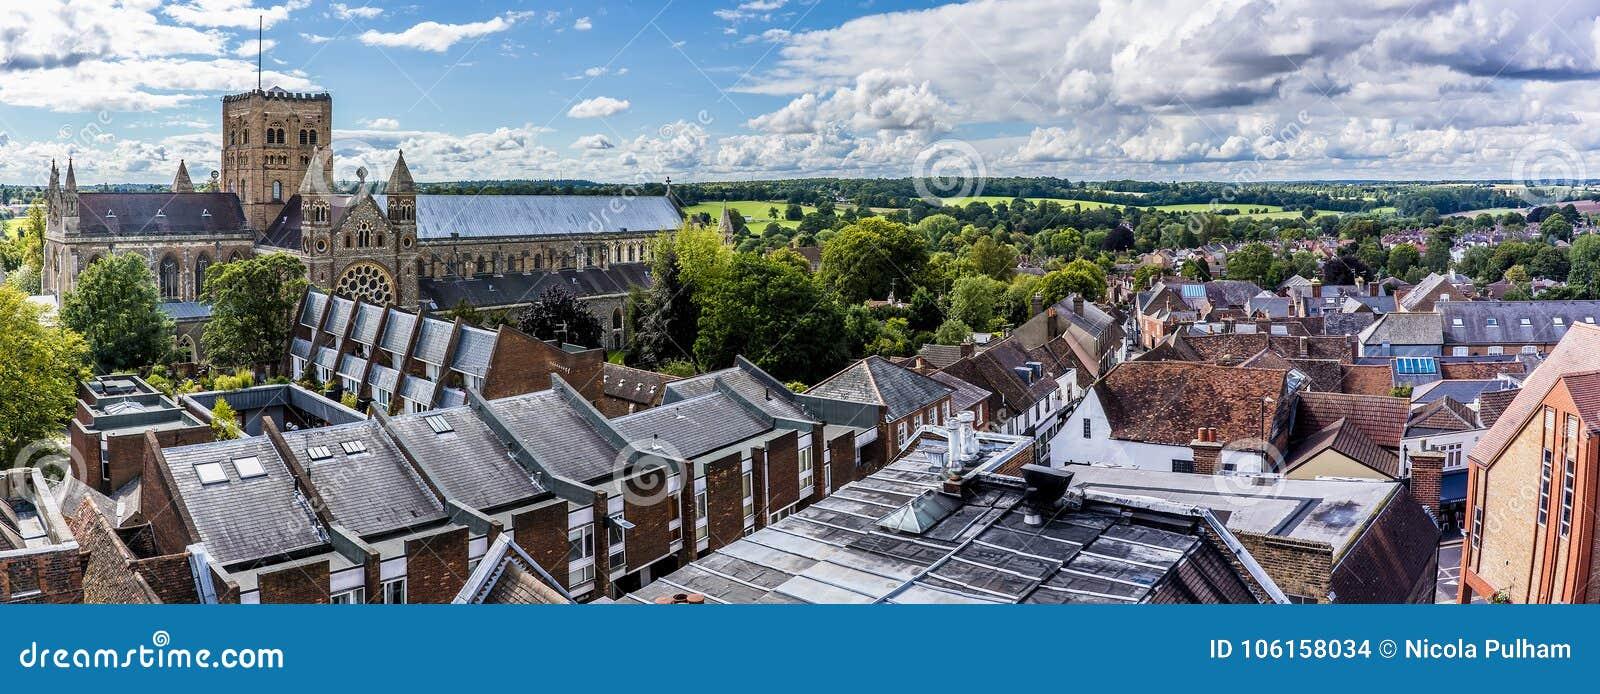 圣奥尔本斯,英国屋顶上面夏令时